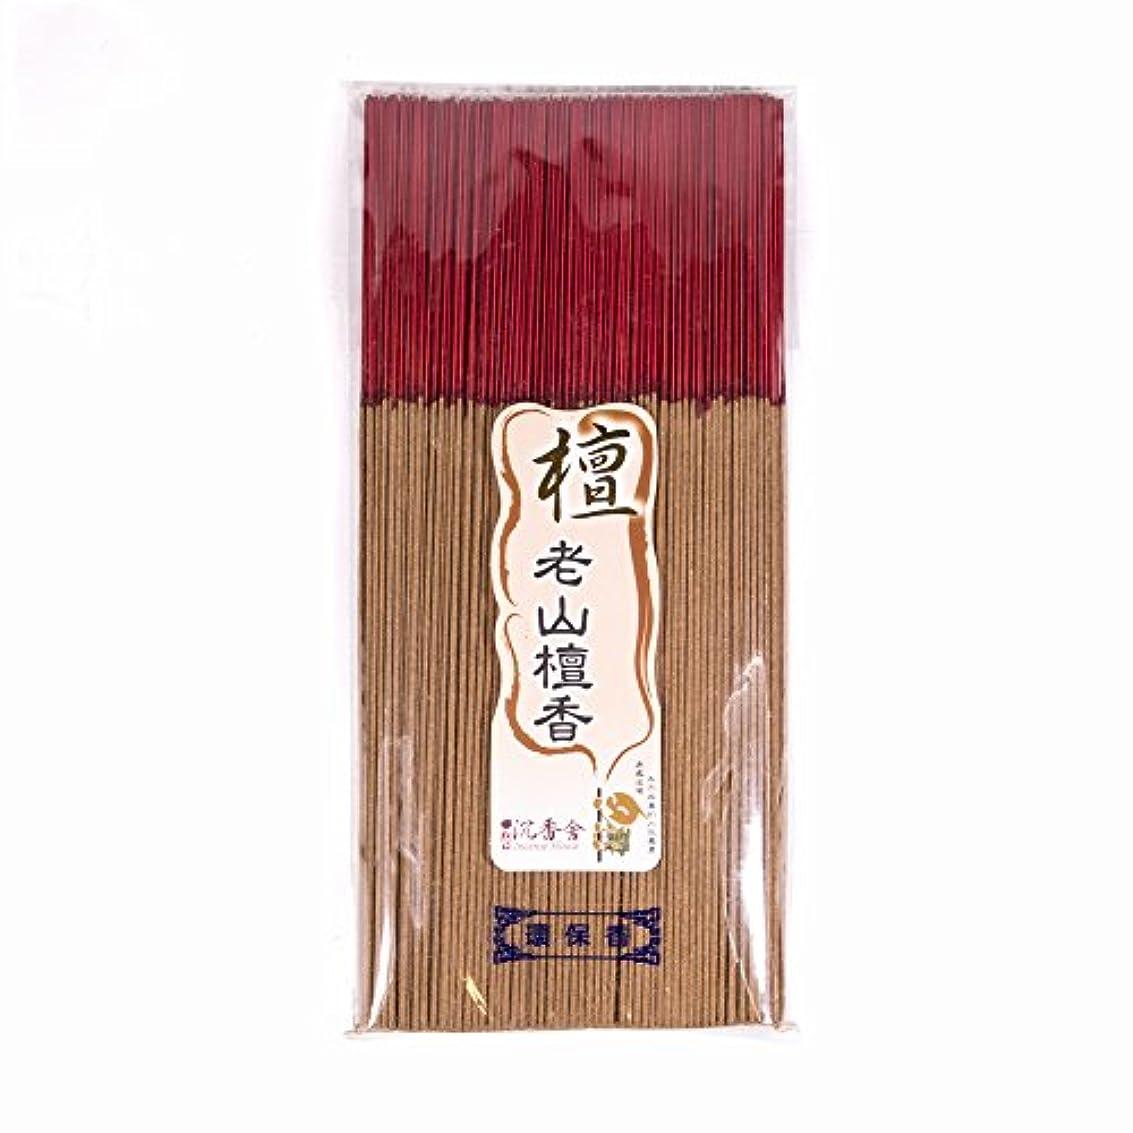 いつ累計証書台湾沉香舍 老山檀香 台湾のお香家 - 檀香 30cm (木支香) 300g 約400本